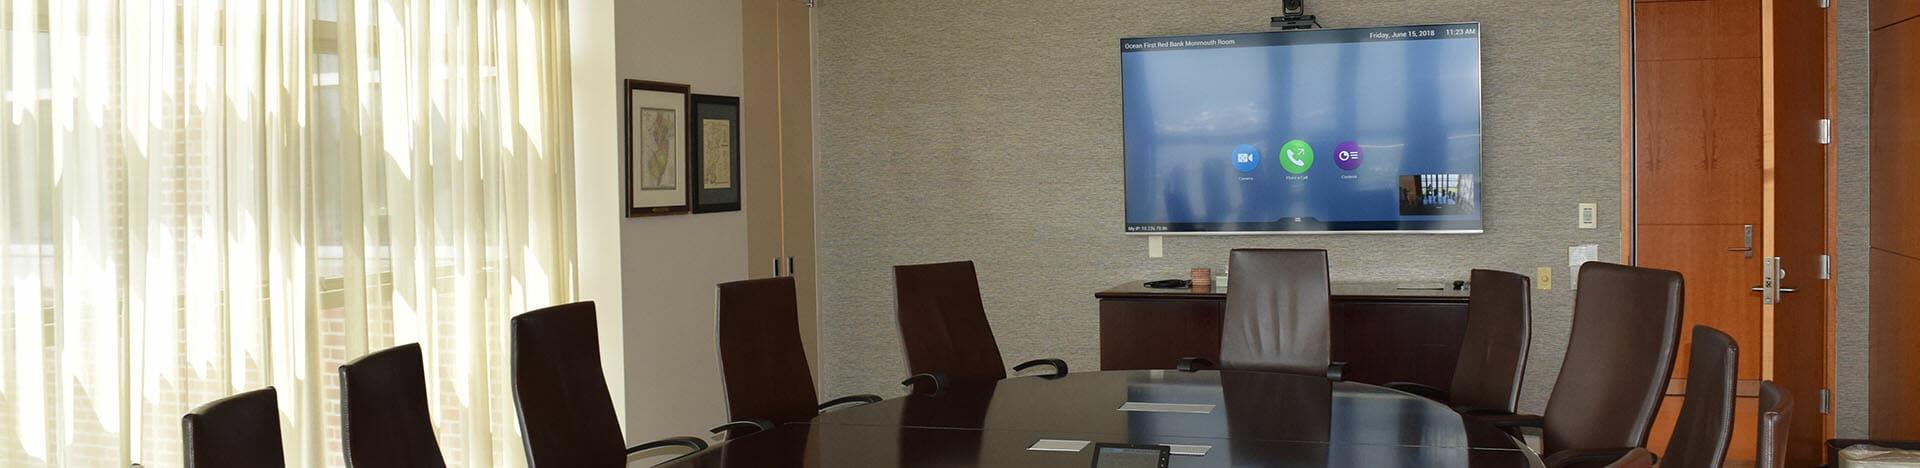 teleconferencing-tech-av